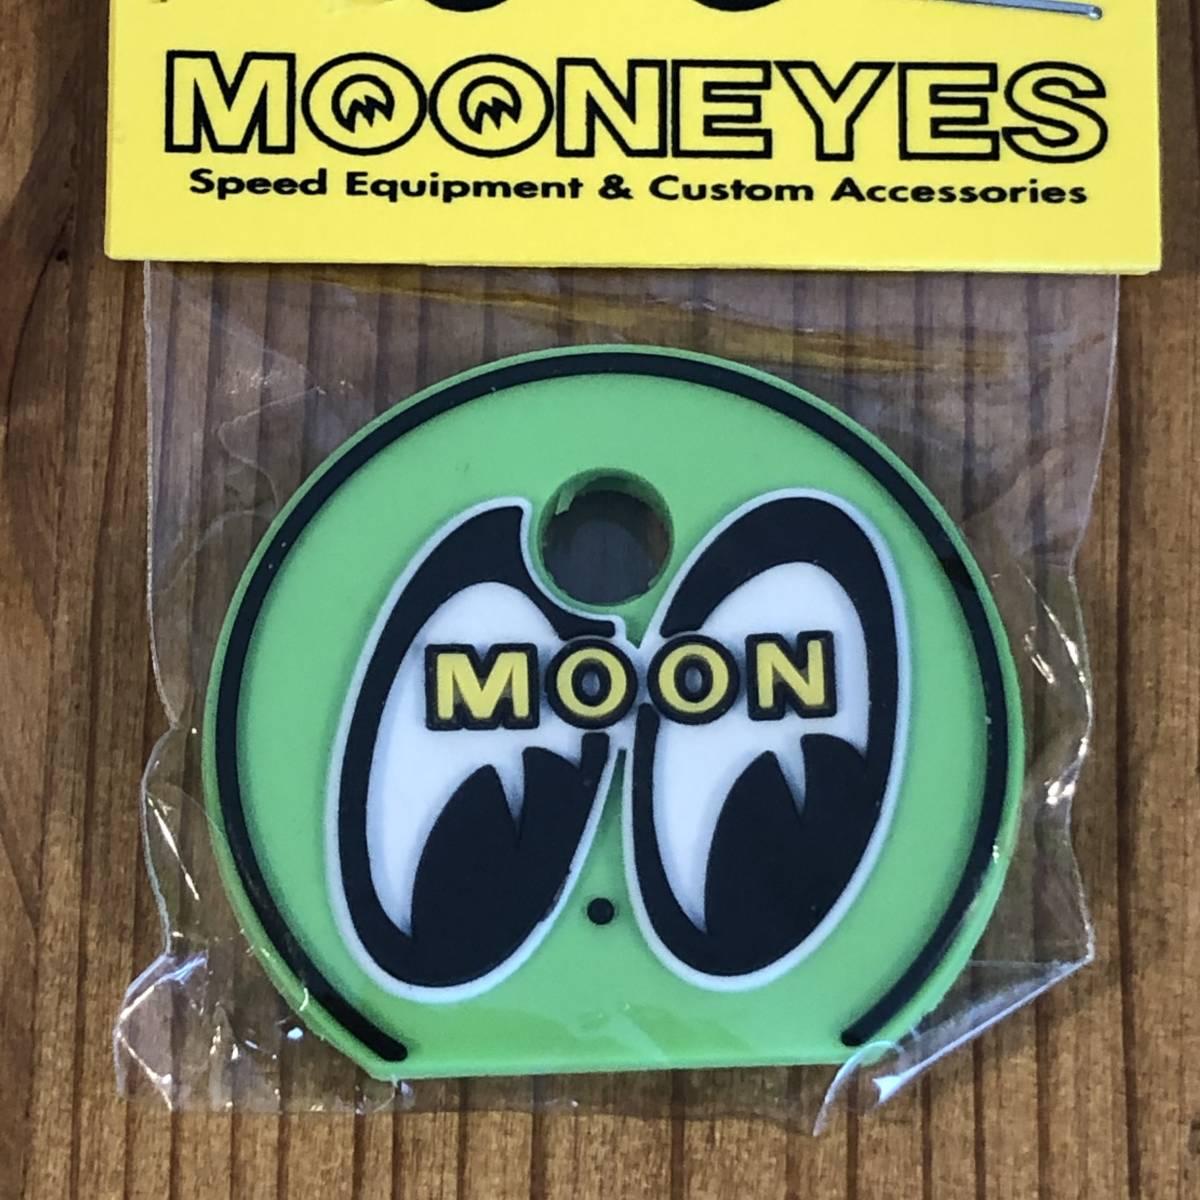 mooneyes ムーンアイズ アイボール キーキャップ グリーン 緑 ぺったんこ 絵柄は立体 キーホルダー moon eyes eyeball 色違いでぜひどうぞ_画像1